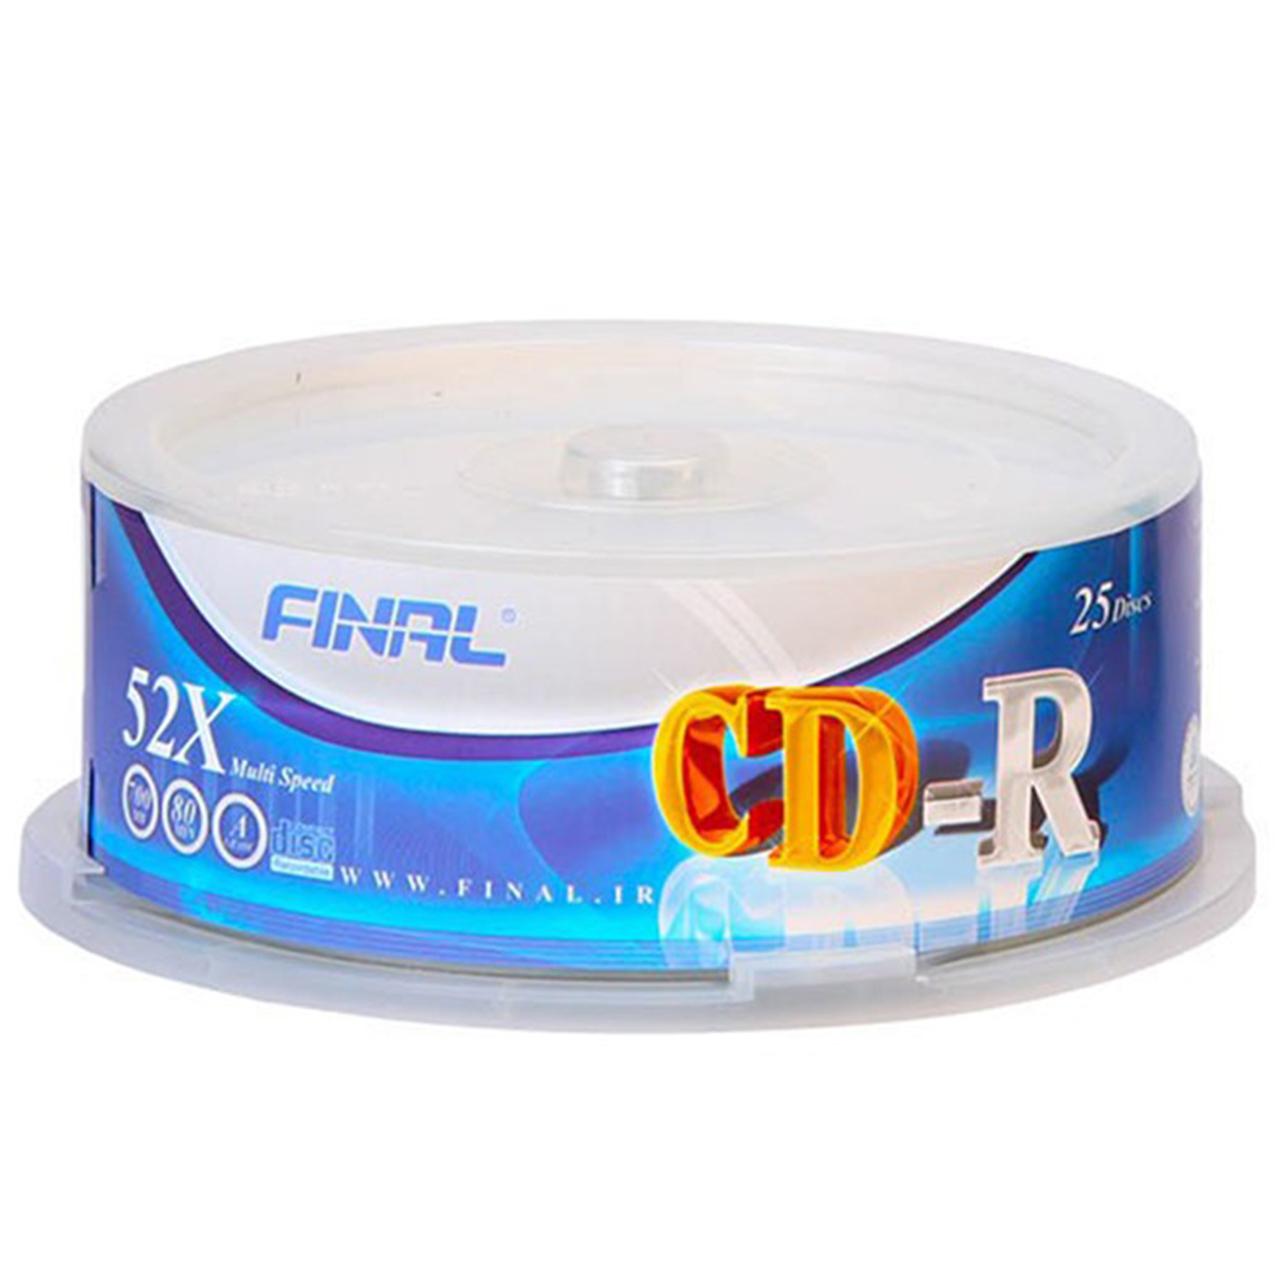 سی دی خام فینال بسته 25 عددی